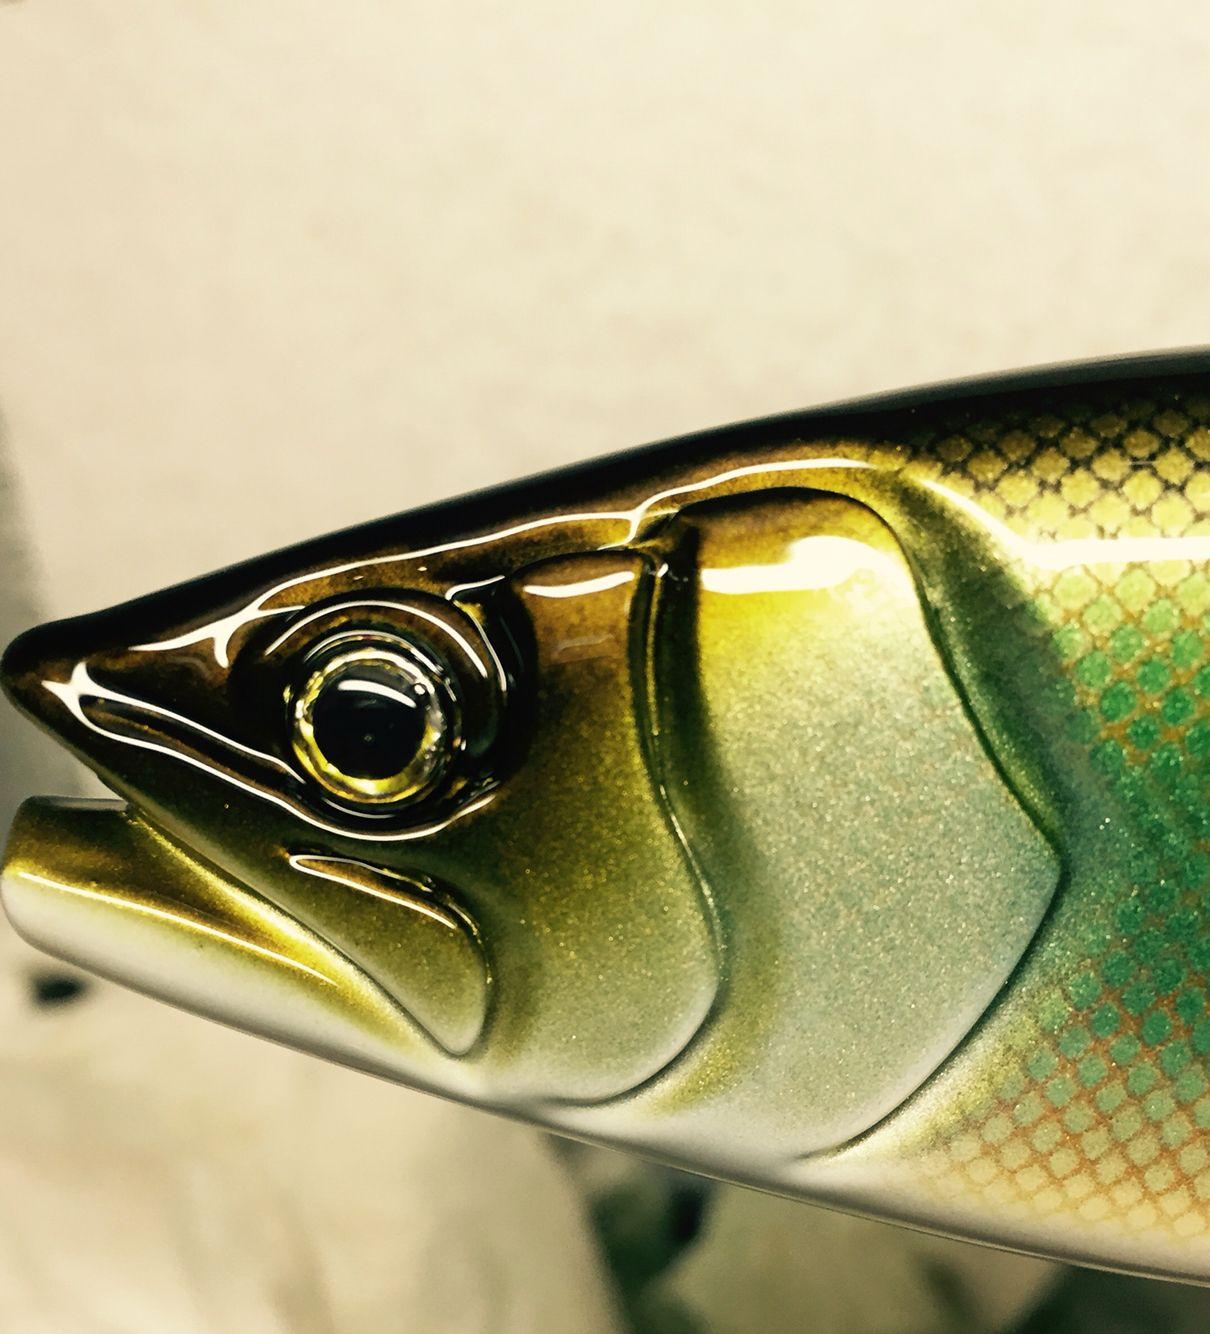 Bass Fishing Nicolao Woodwork Handmade Swimbait